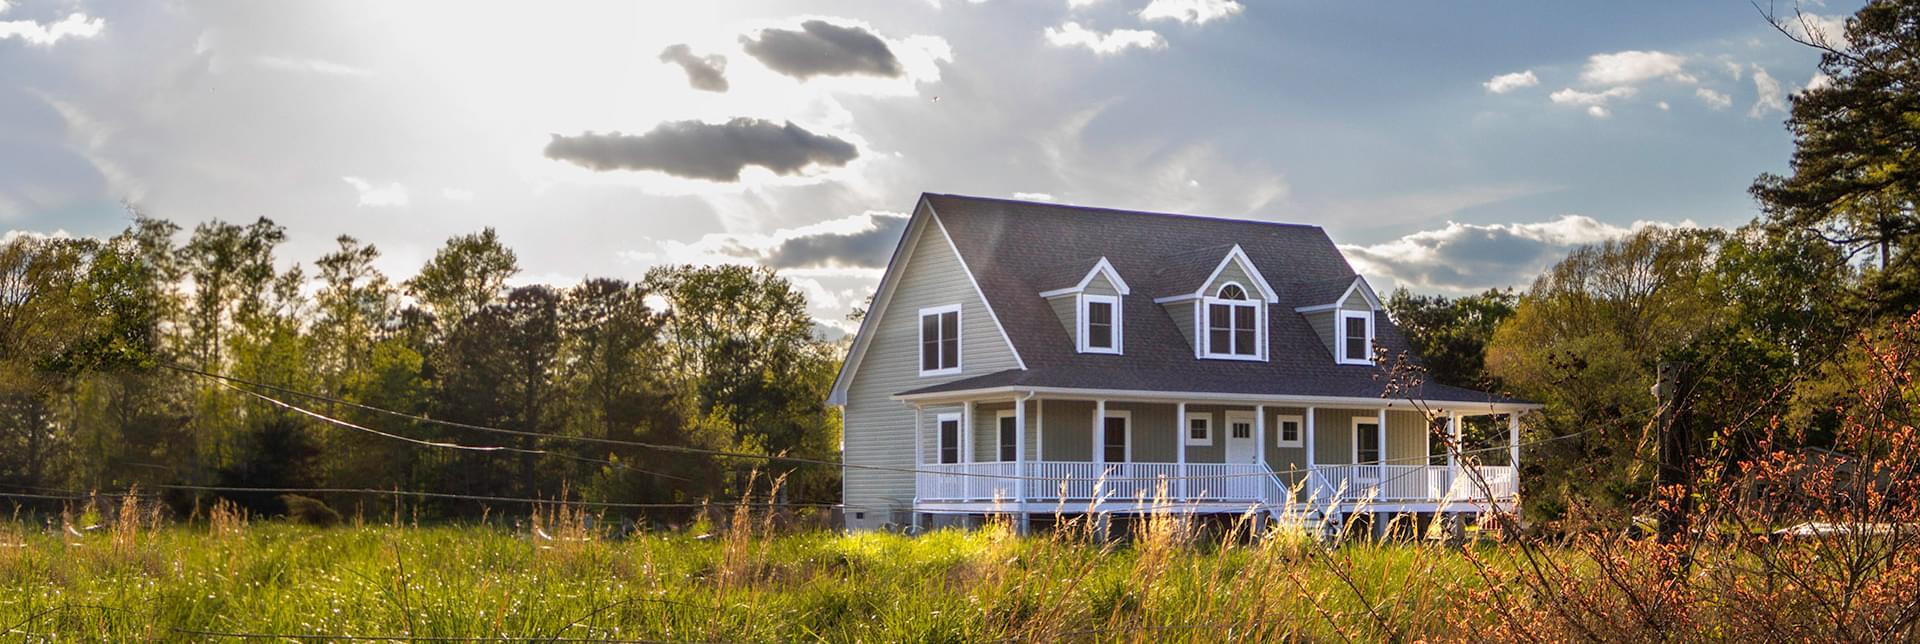 New Homes in Petersburg VA